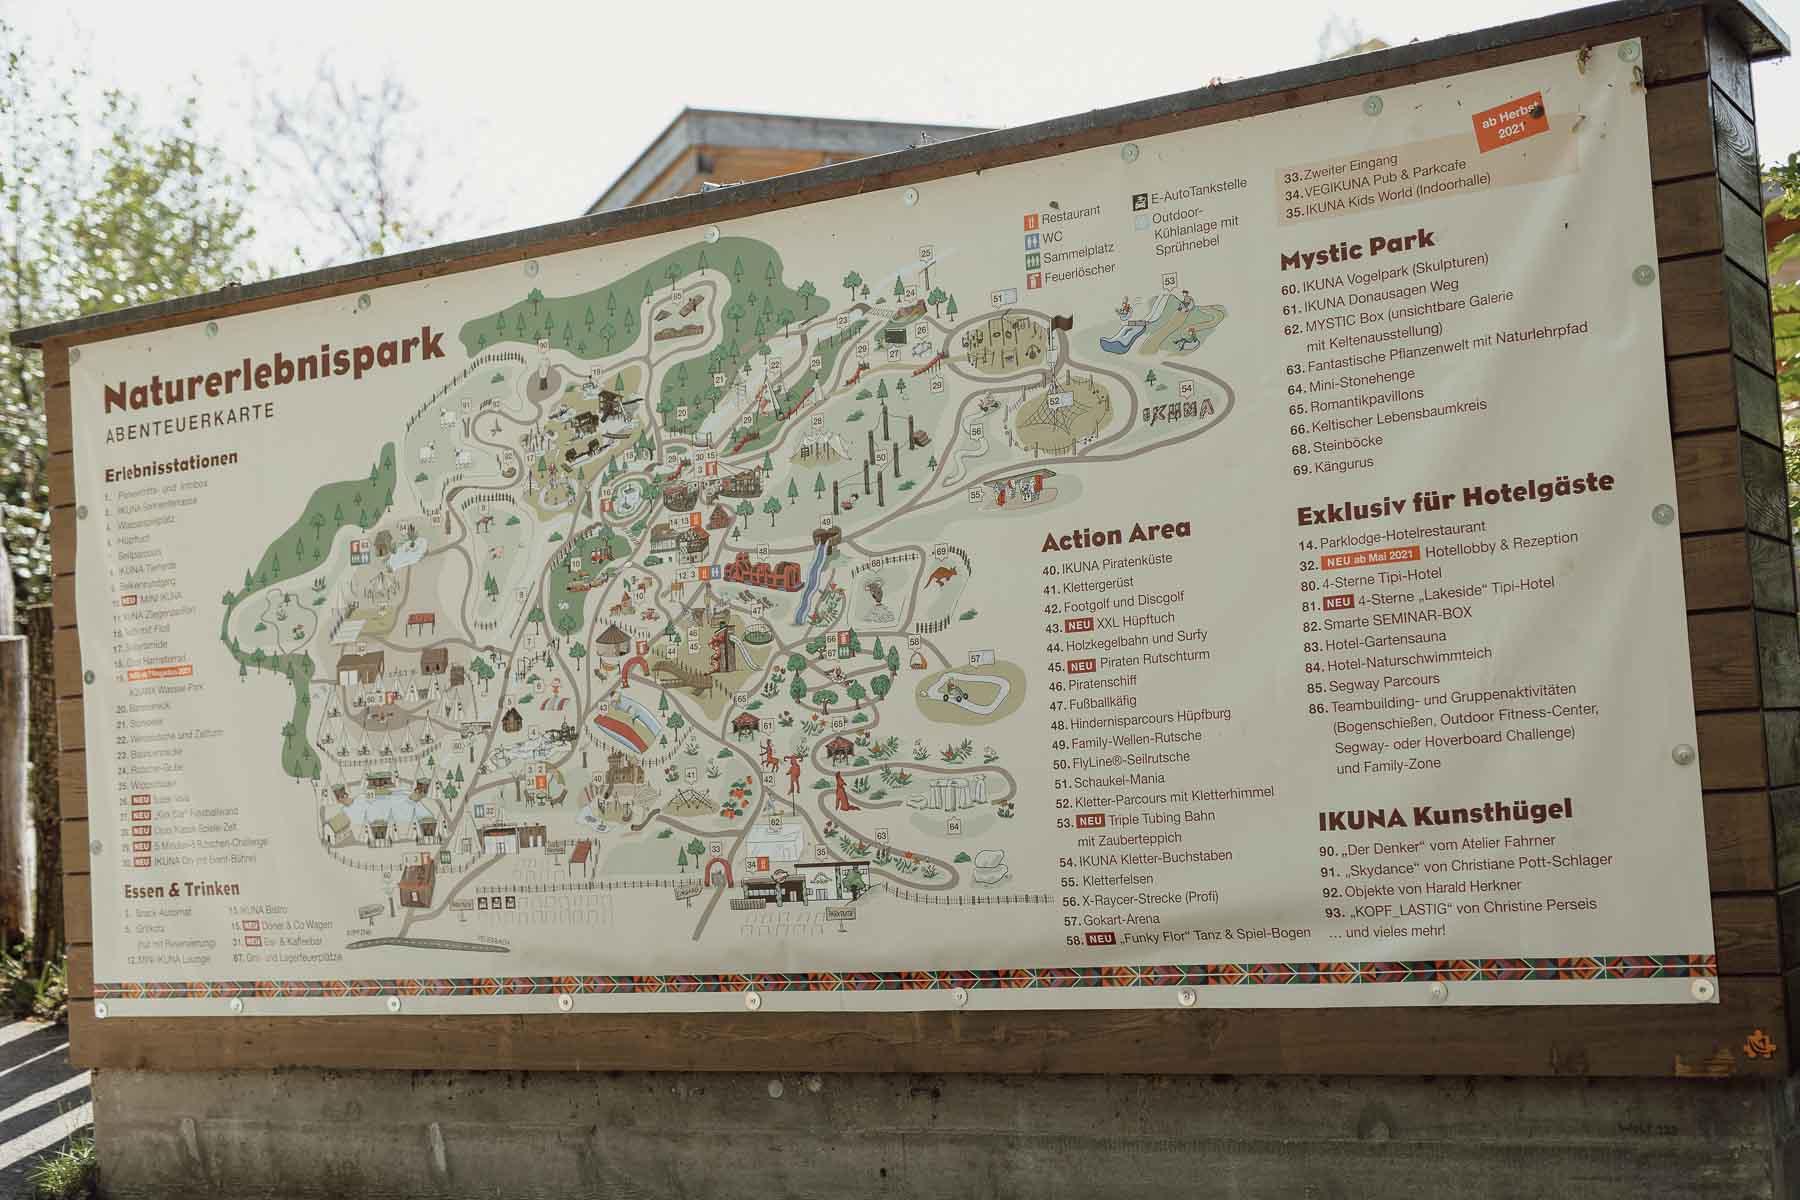 Übersichtskarte des IKUNA Naturresorts